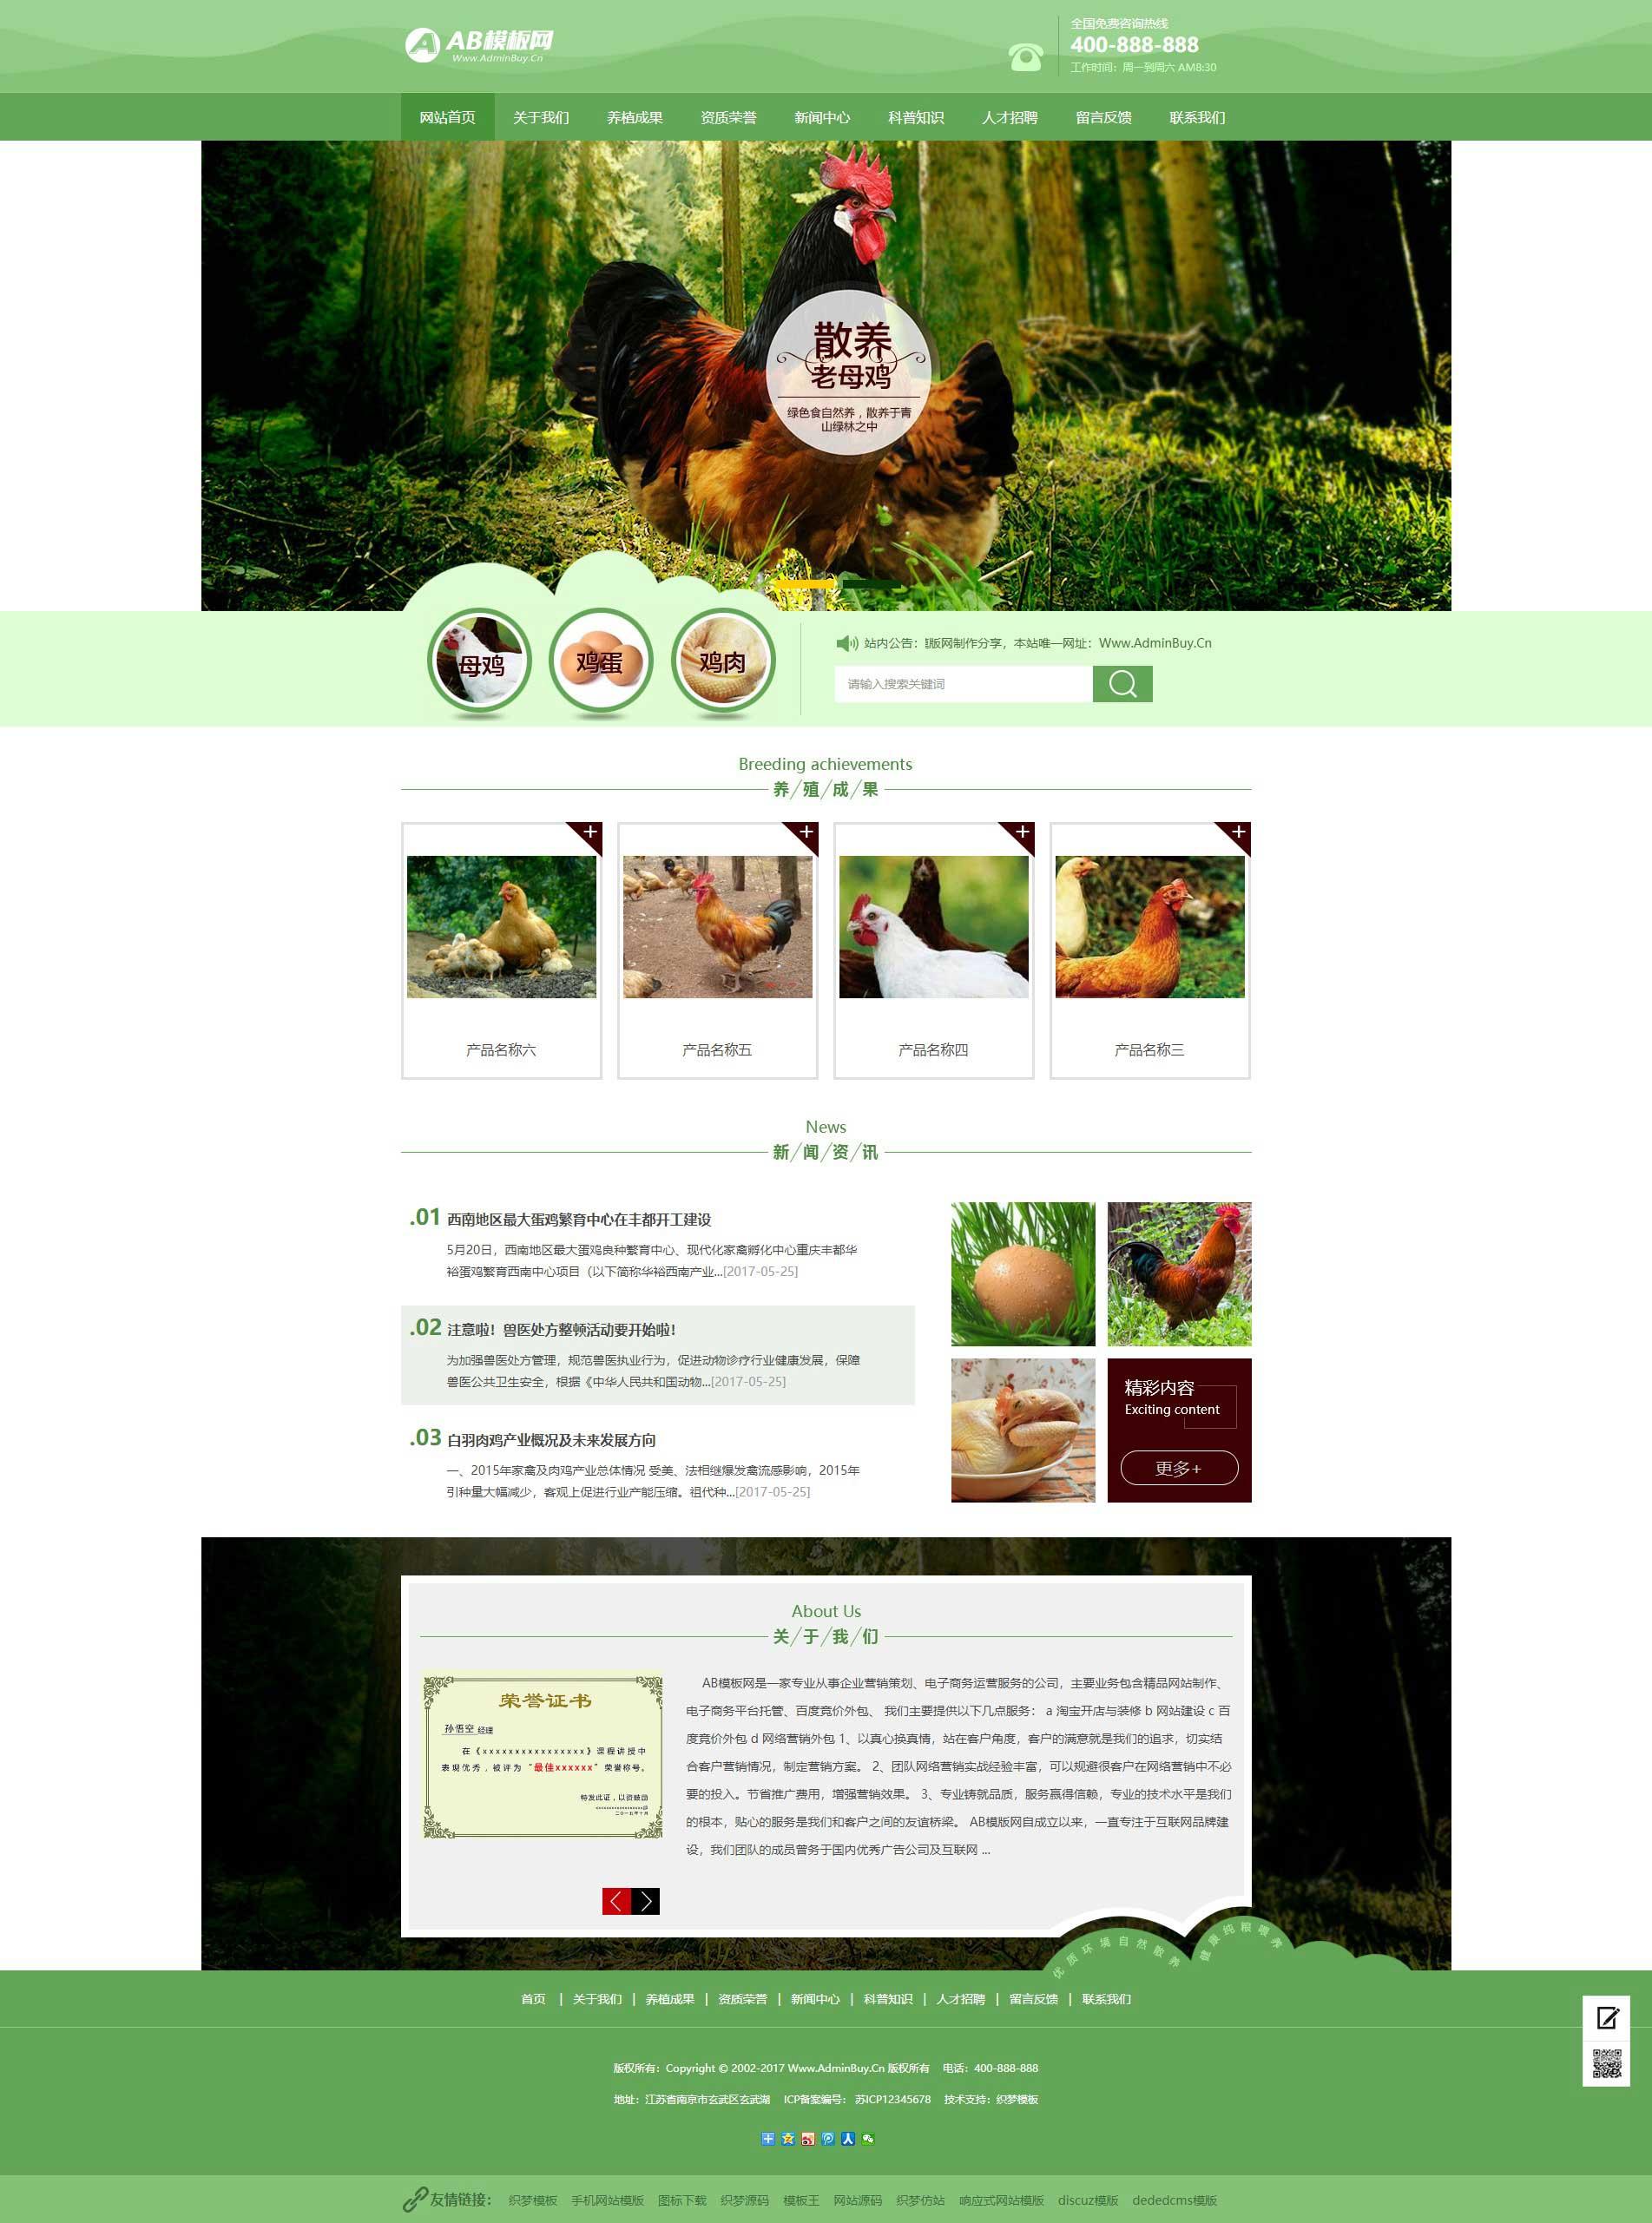 农业养殖农场企业网站织梦dede模板源码[带手机版数据同步]插图